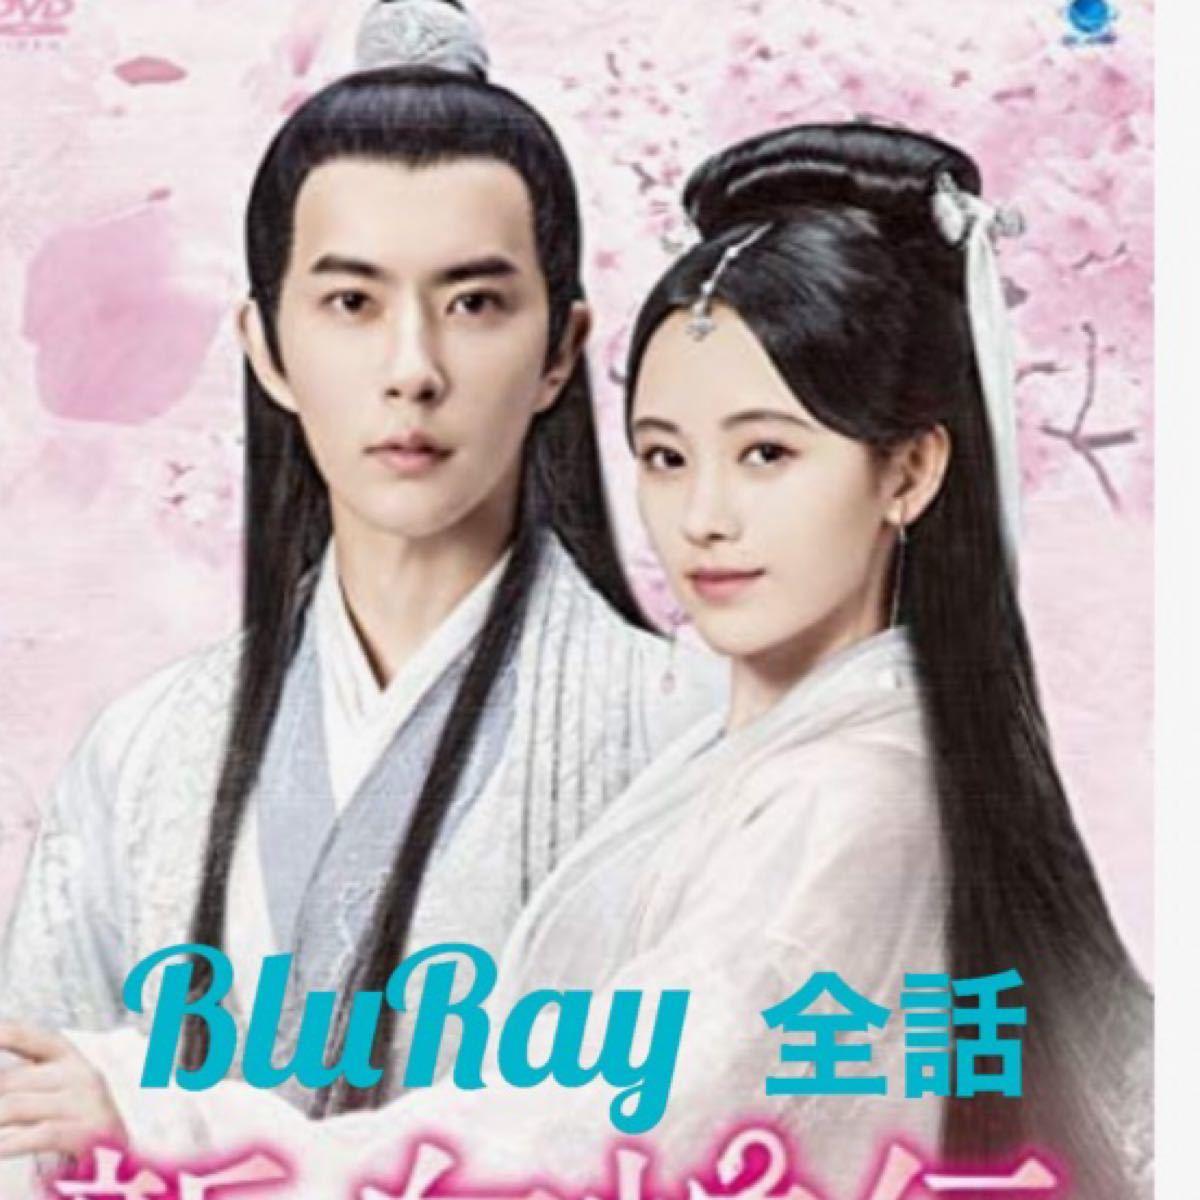 中国ドラマ 新白蛇伝*千年一度の恋* Blu-ray全話 ☆画質良☆